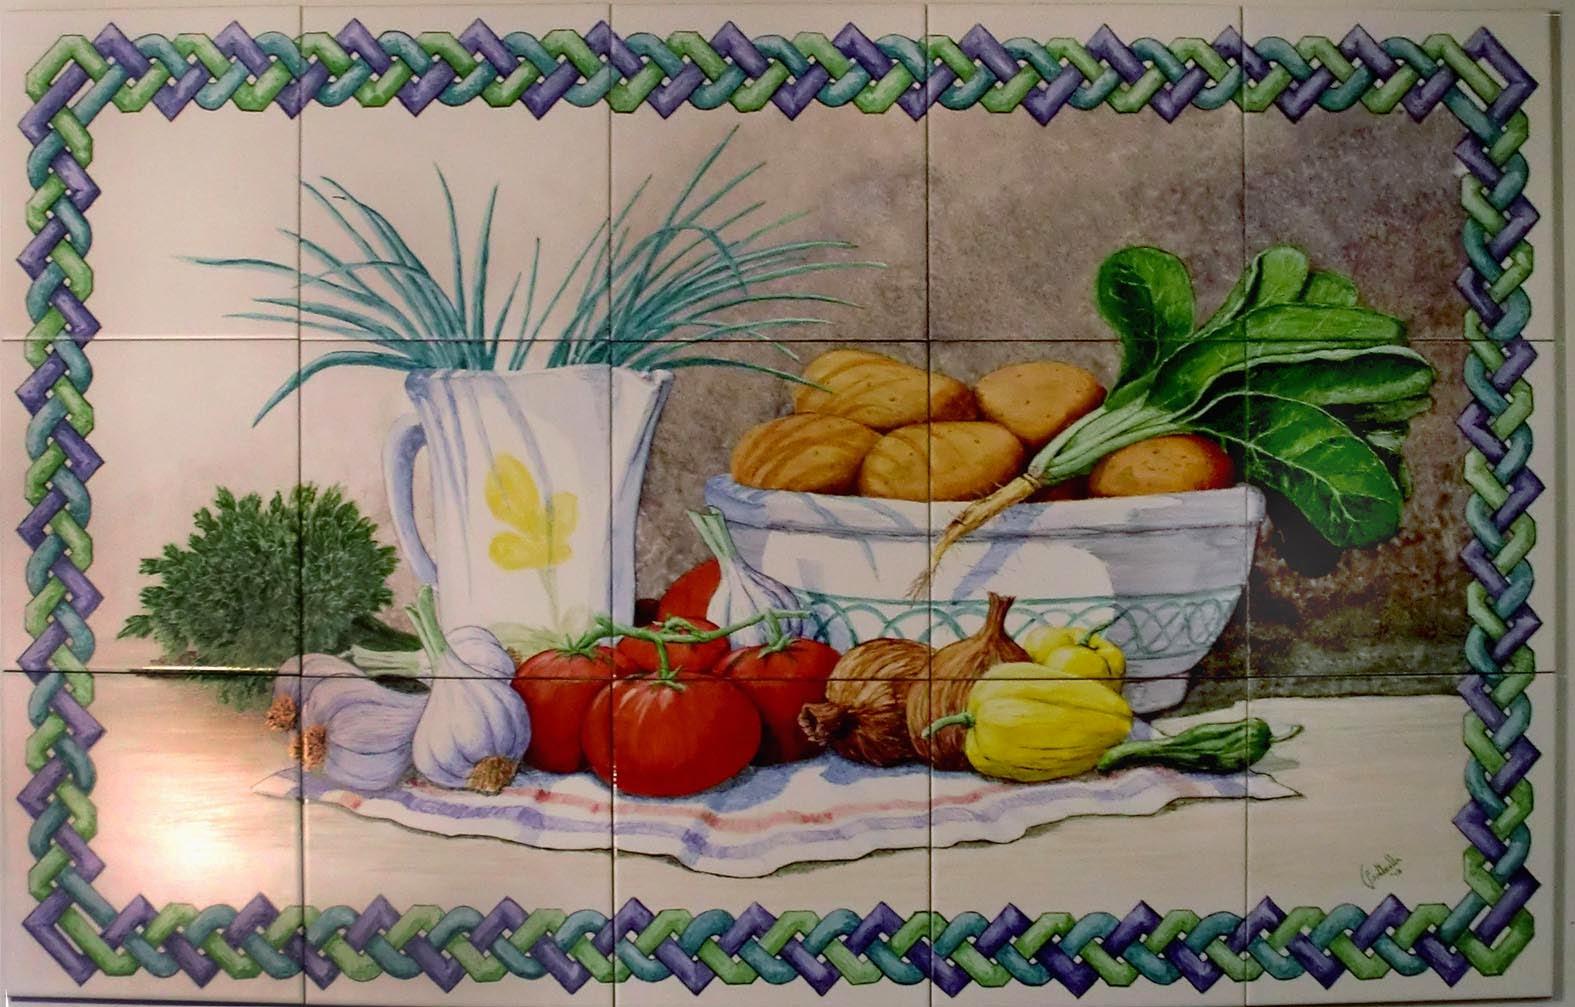 Cesar fontenla arte y dise o murales marzo 2014 - Murales de azulejos ...